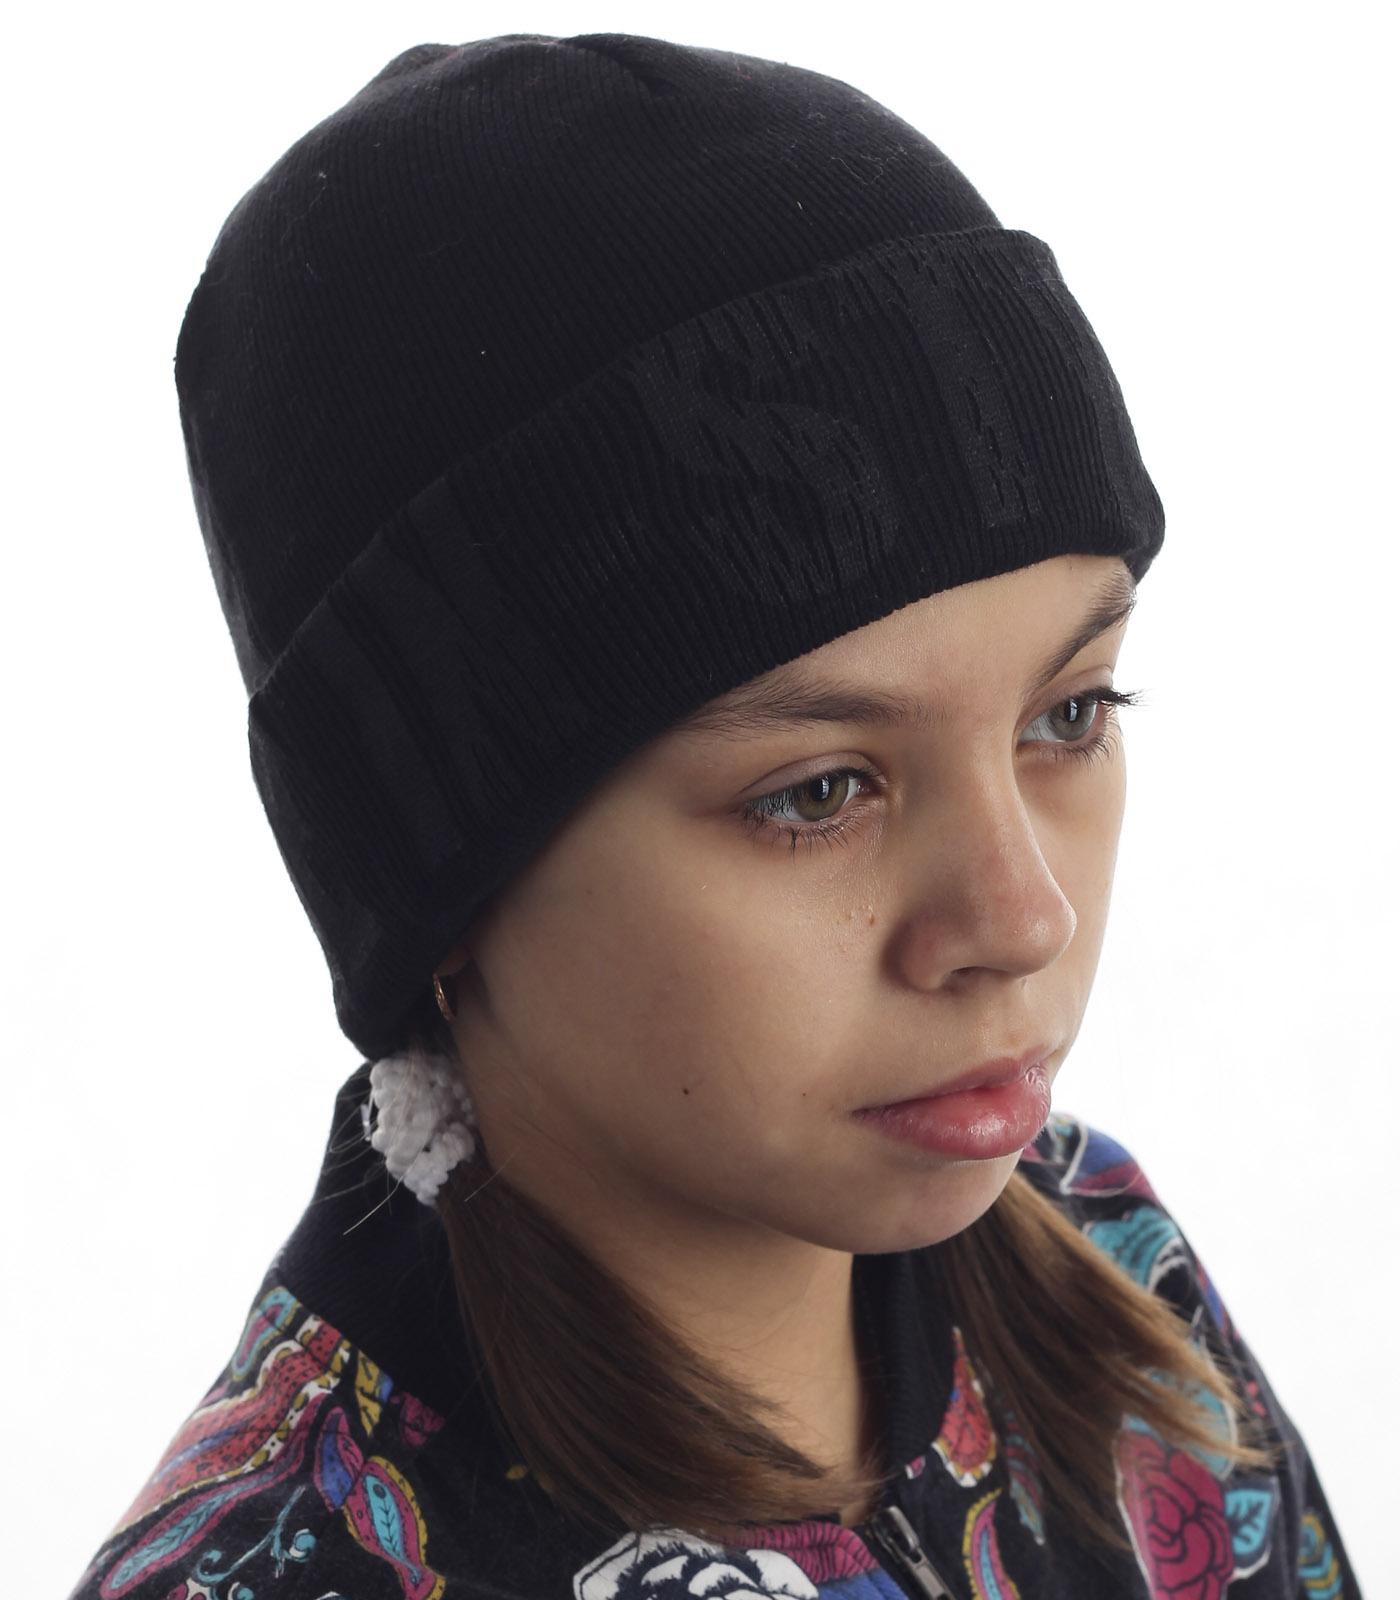 Незаменимая детская шапка для спорта и на каждый день. Подворот дополнительно защитит от ветра, а дизайн понравится самой требовательной моднице